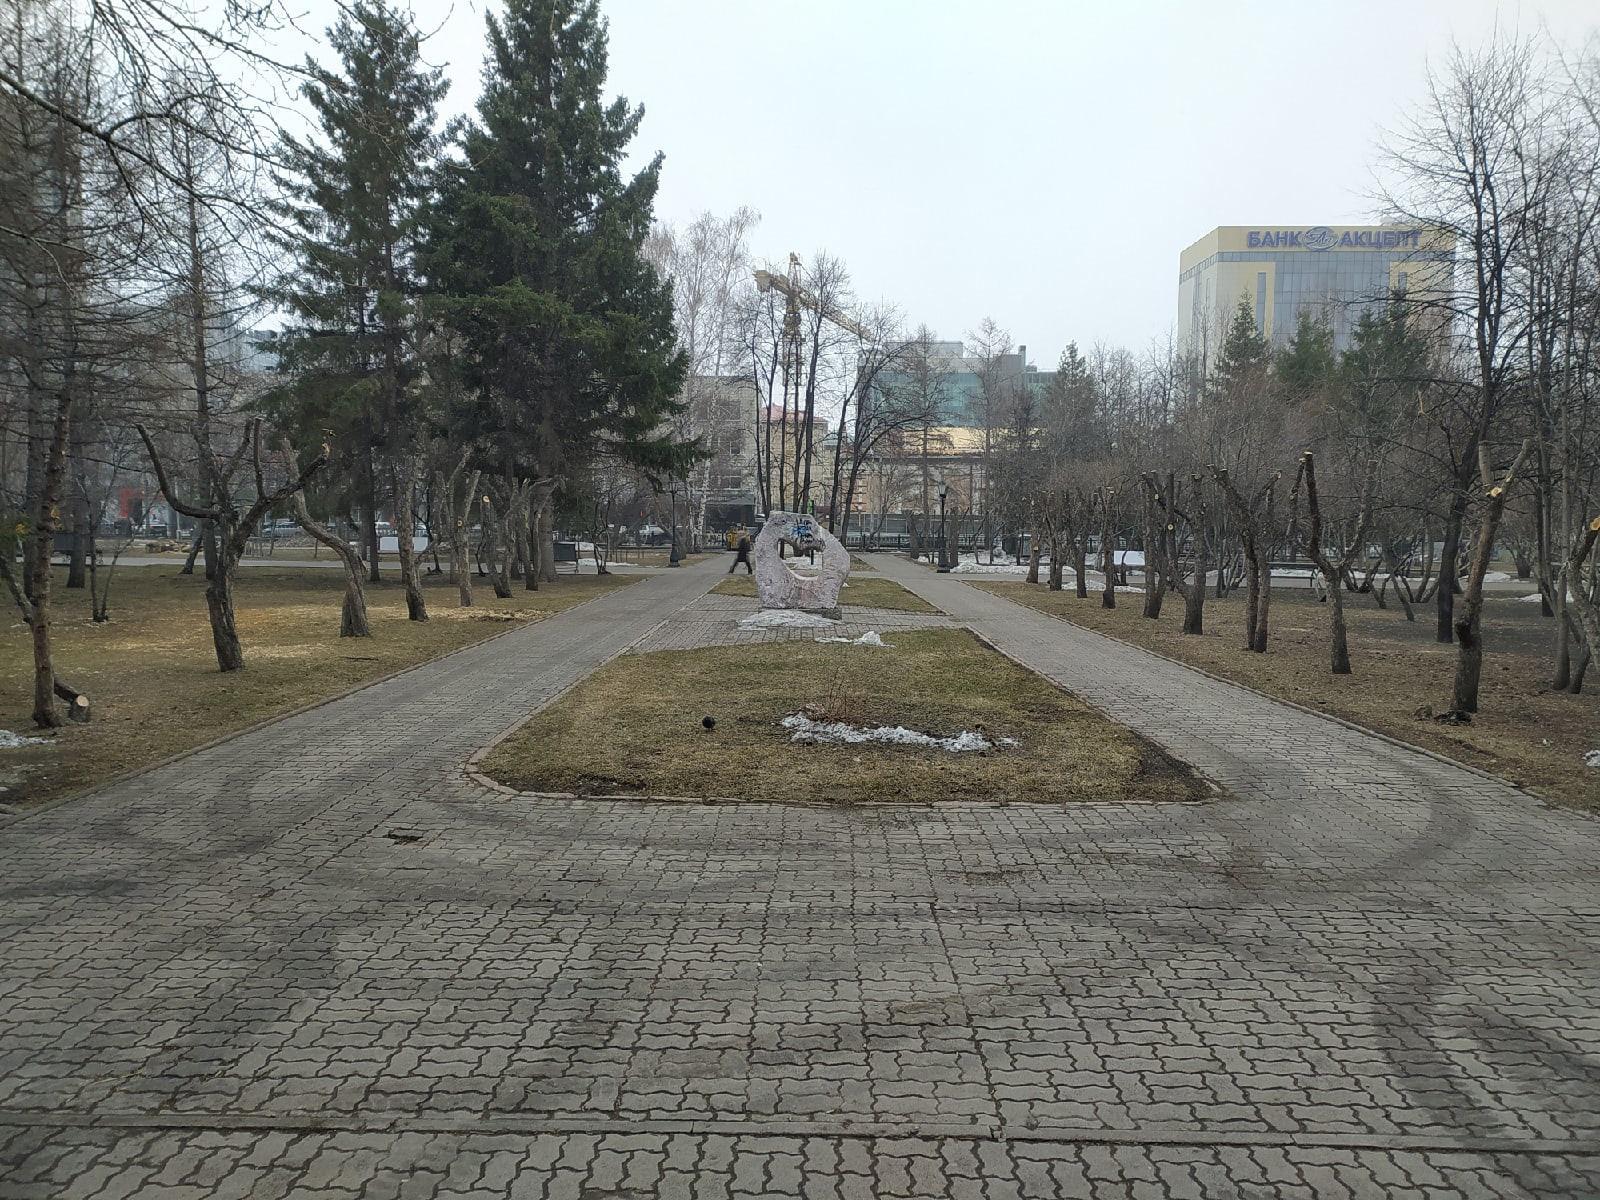 фото В Первомайском сквере Новосибирска обрезали деревья – как в фильме ужасов 6